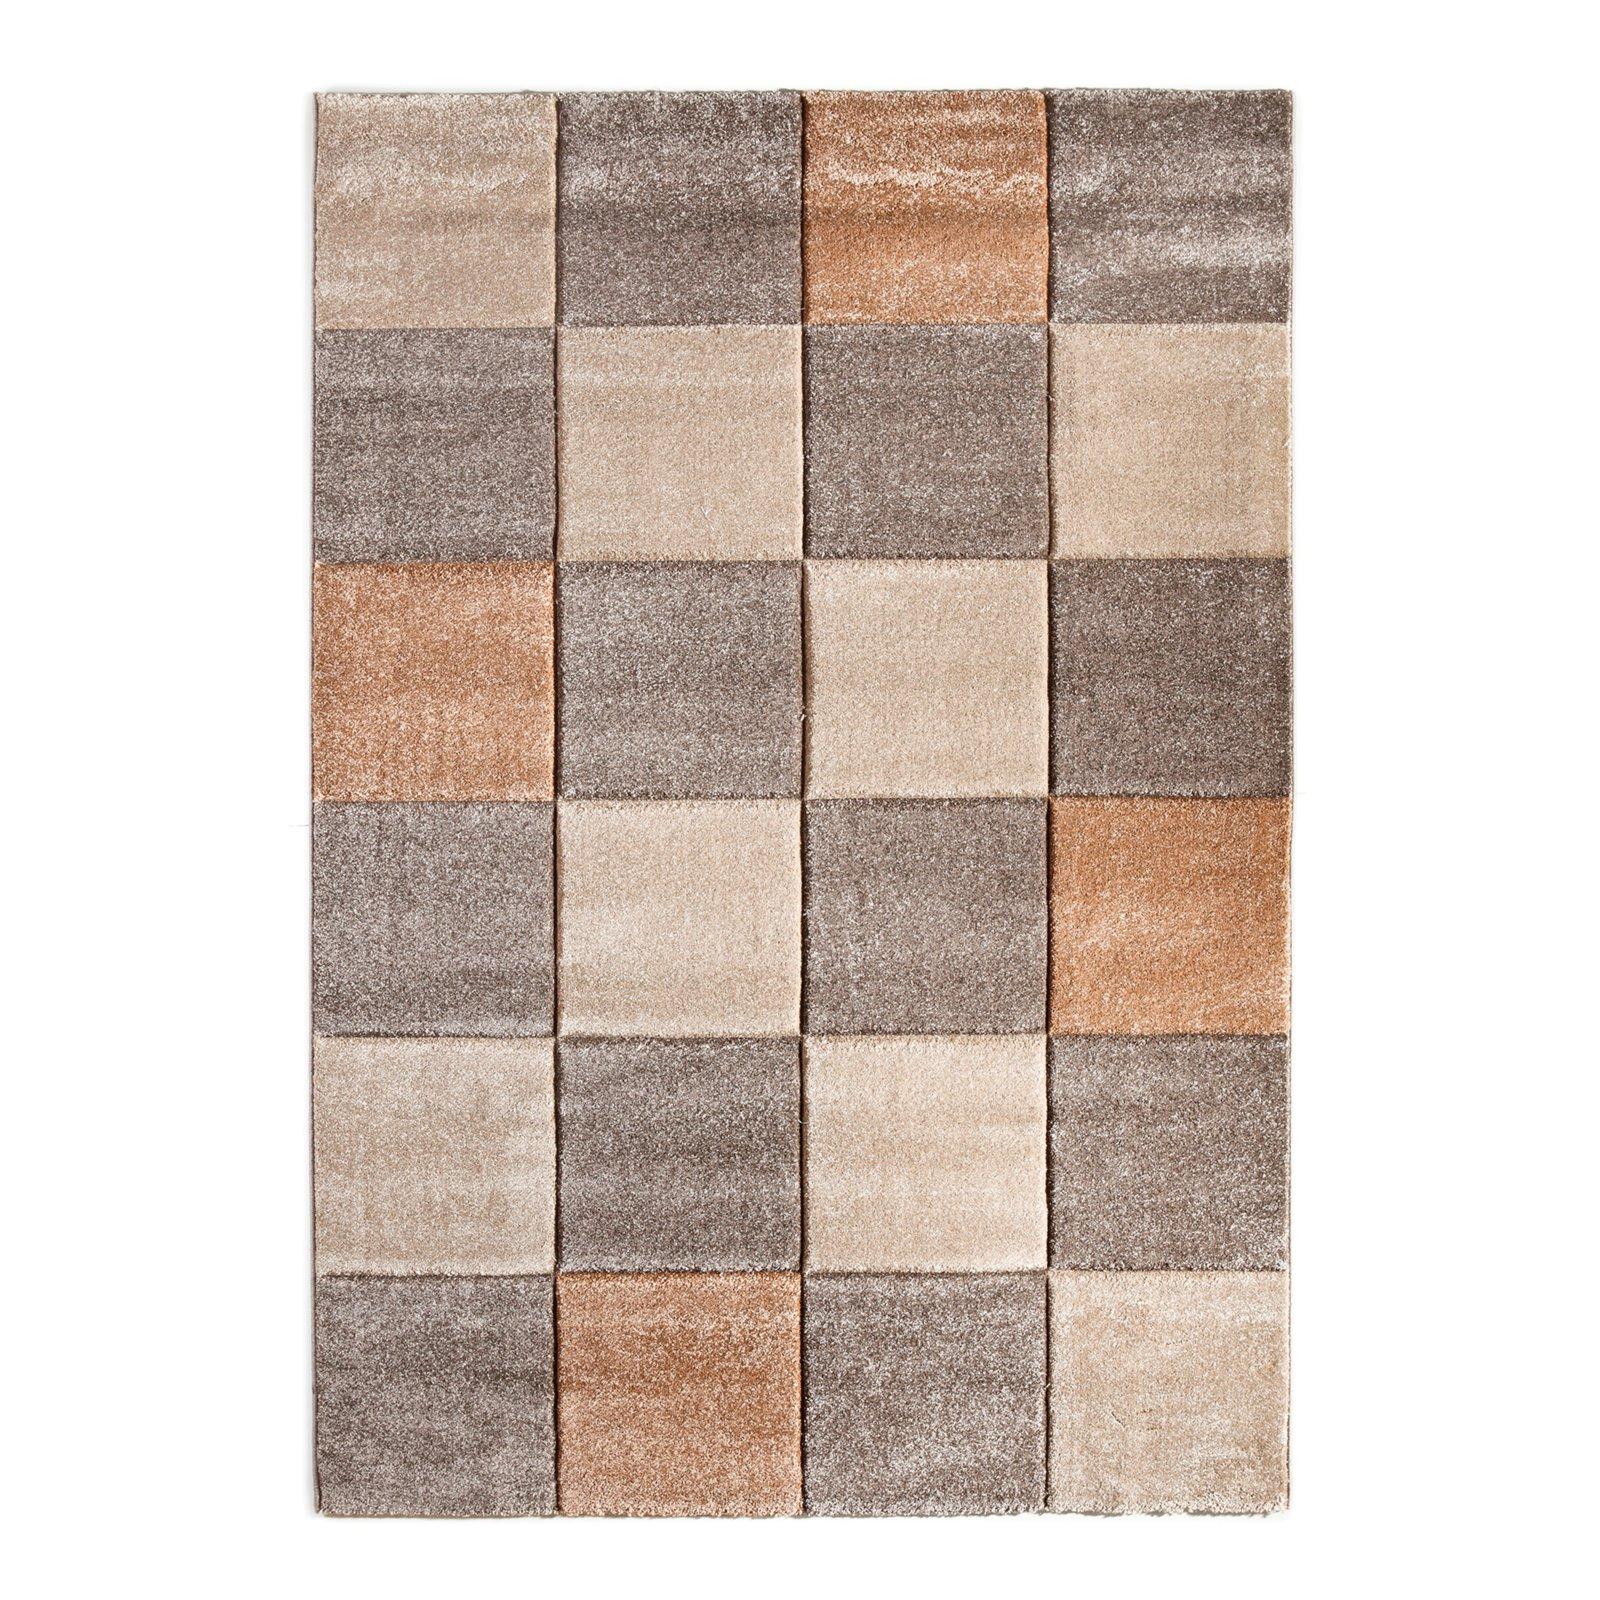 teppich bordeaux karo braun beige 67x140 cm gemusterte teppiche teppiche l ufer deko. Black Bedroom Furniture Sets. Home Design Ideas